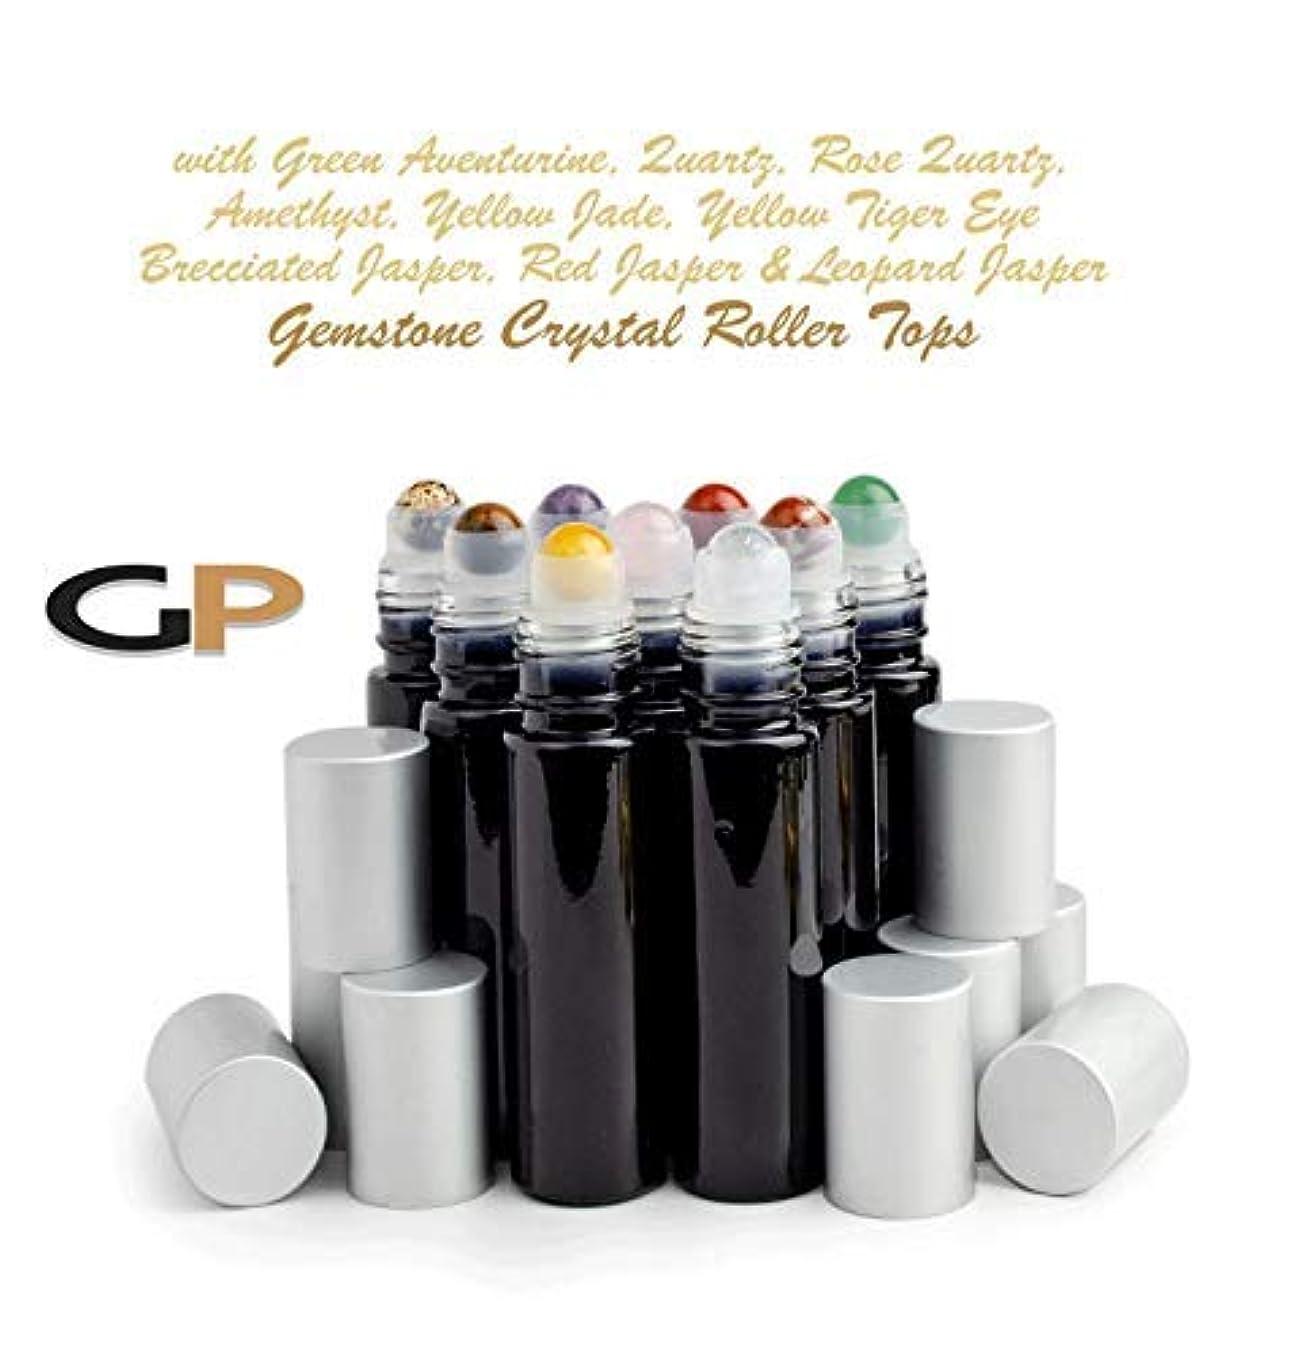 会う調和のとれたアンカーGrand Parfums 9 Gemstone Crystal Roller Tops in 10ml Shny Black Glass Bottles, with Matte Silver Caps for Essential...